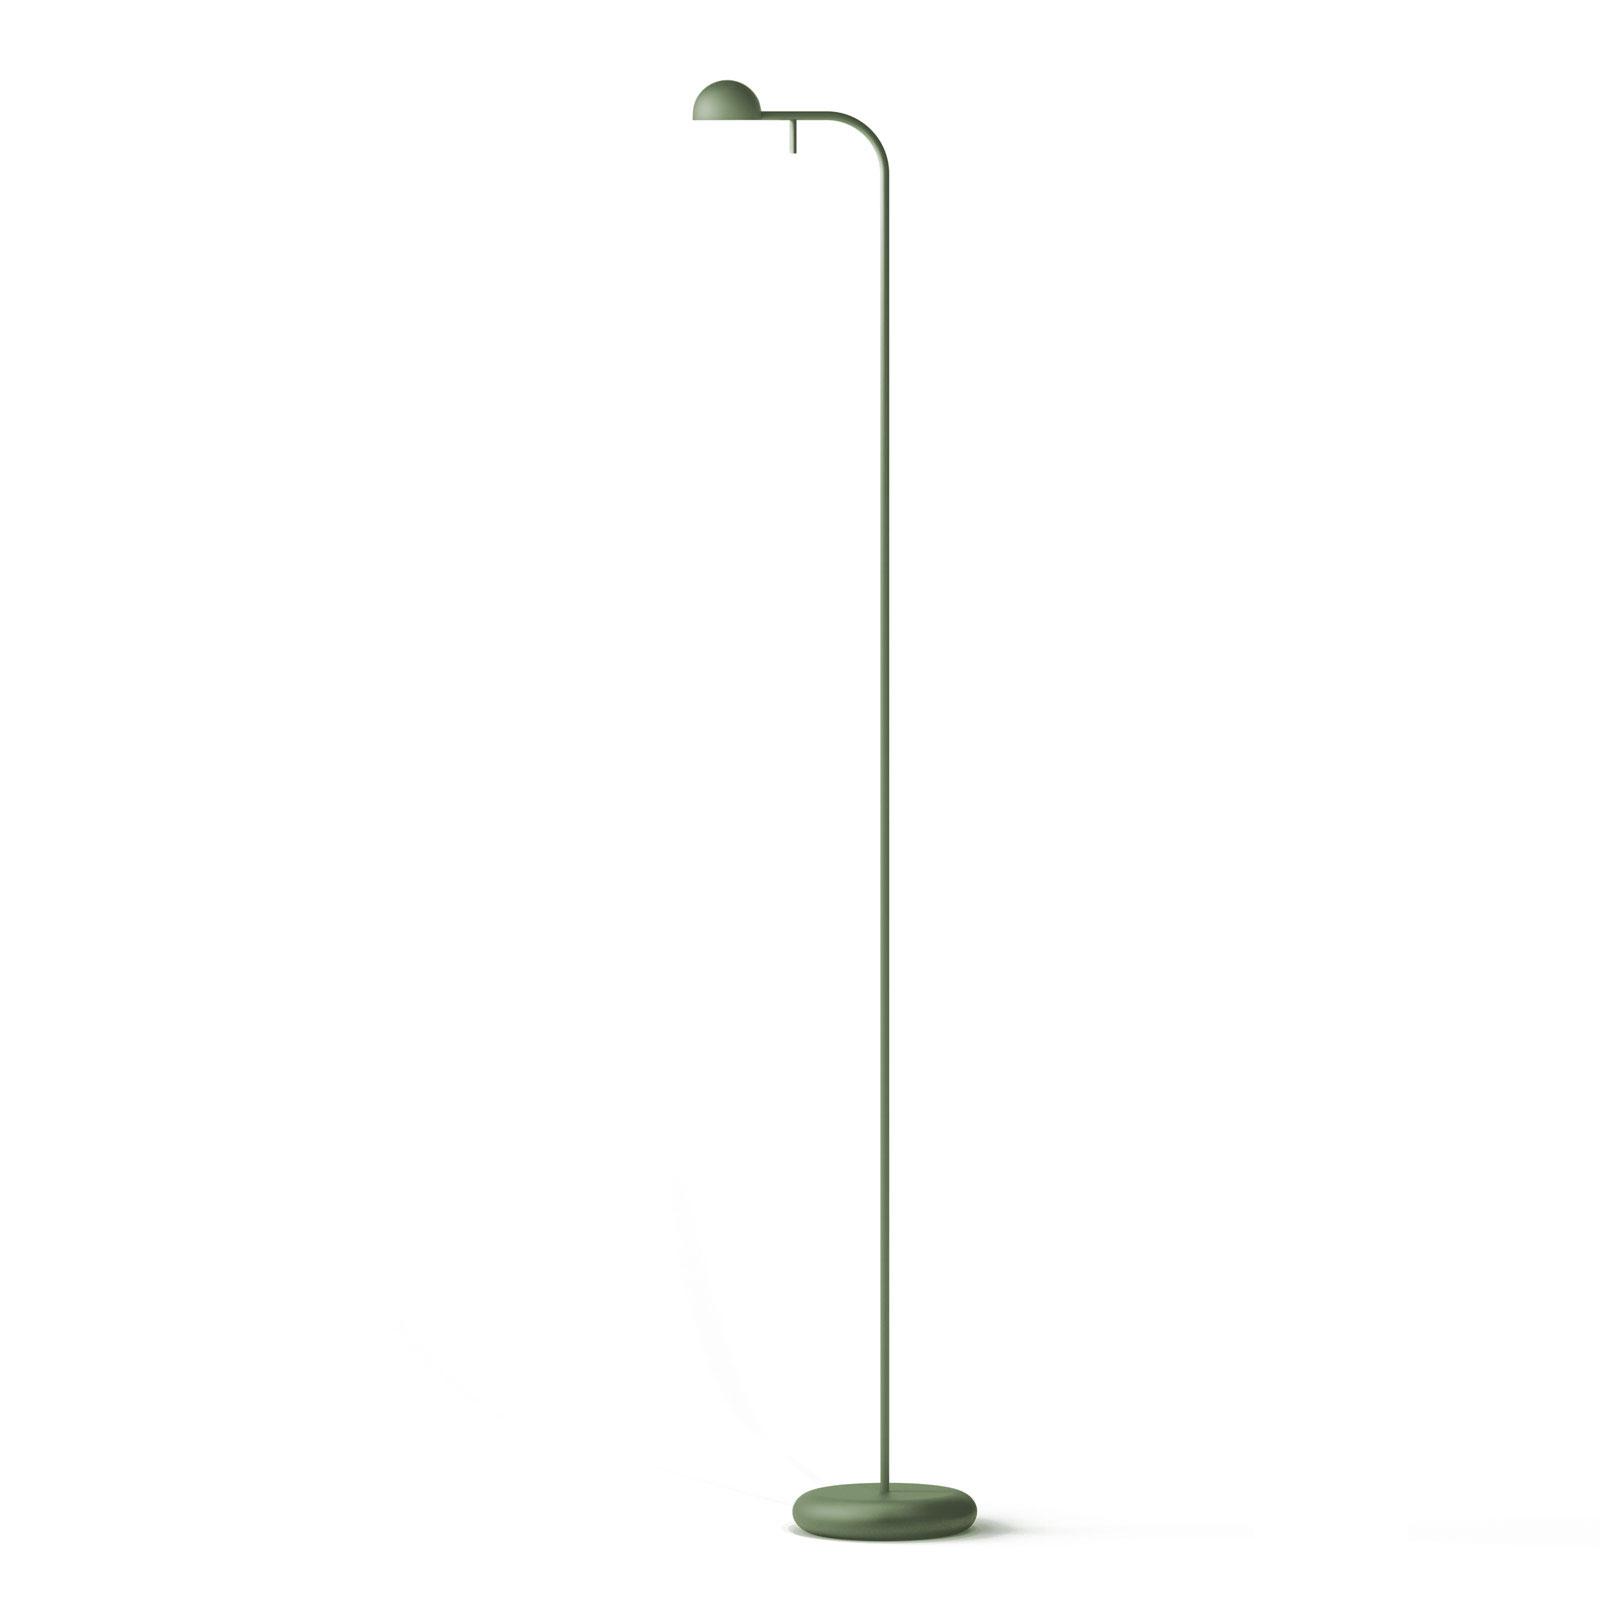 Vibia Pin 1660 LED vloerlamp, 125 cm, groen